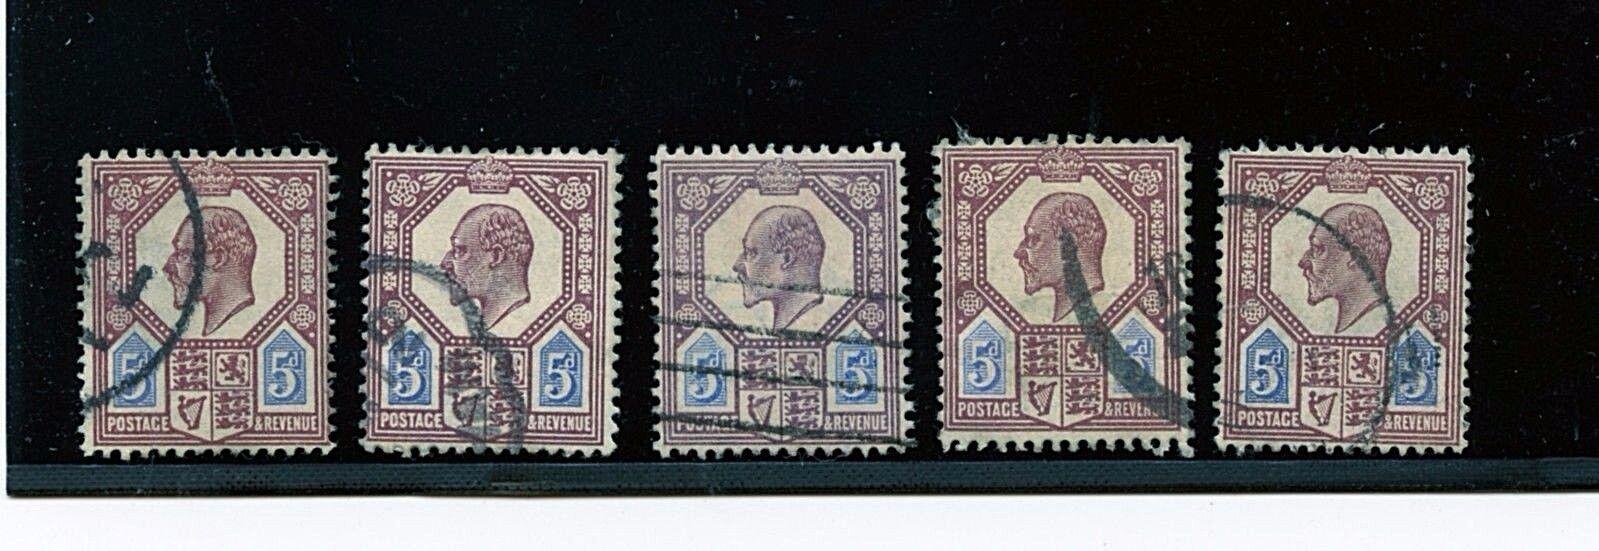 Great Britain #134 X (5) (GR623) King Edward VII the 5 p dull purple,U,CV$112.50